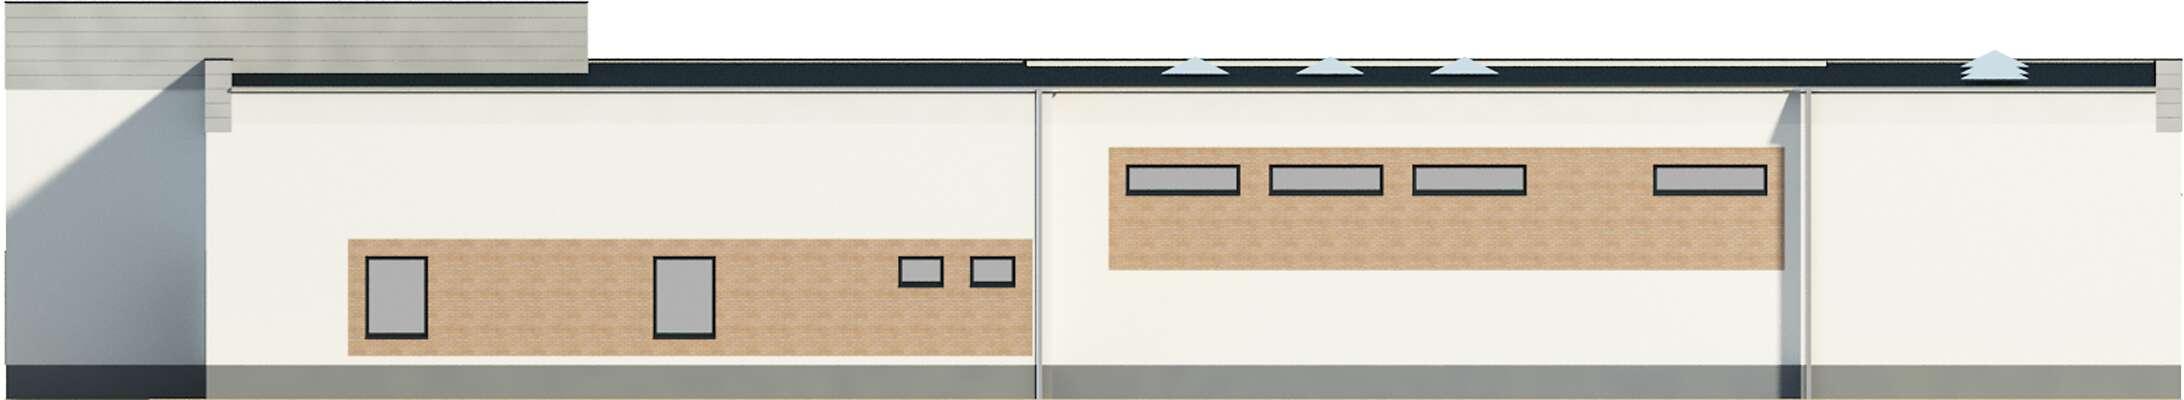 Elewacja ogrodowa - projekt Budynek usługowy